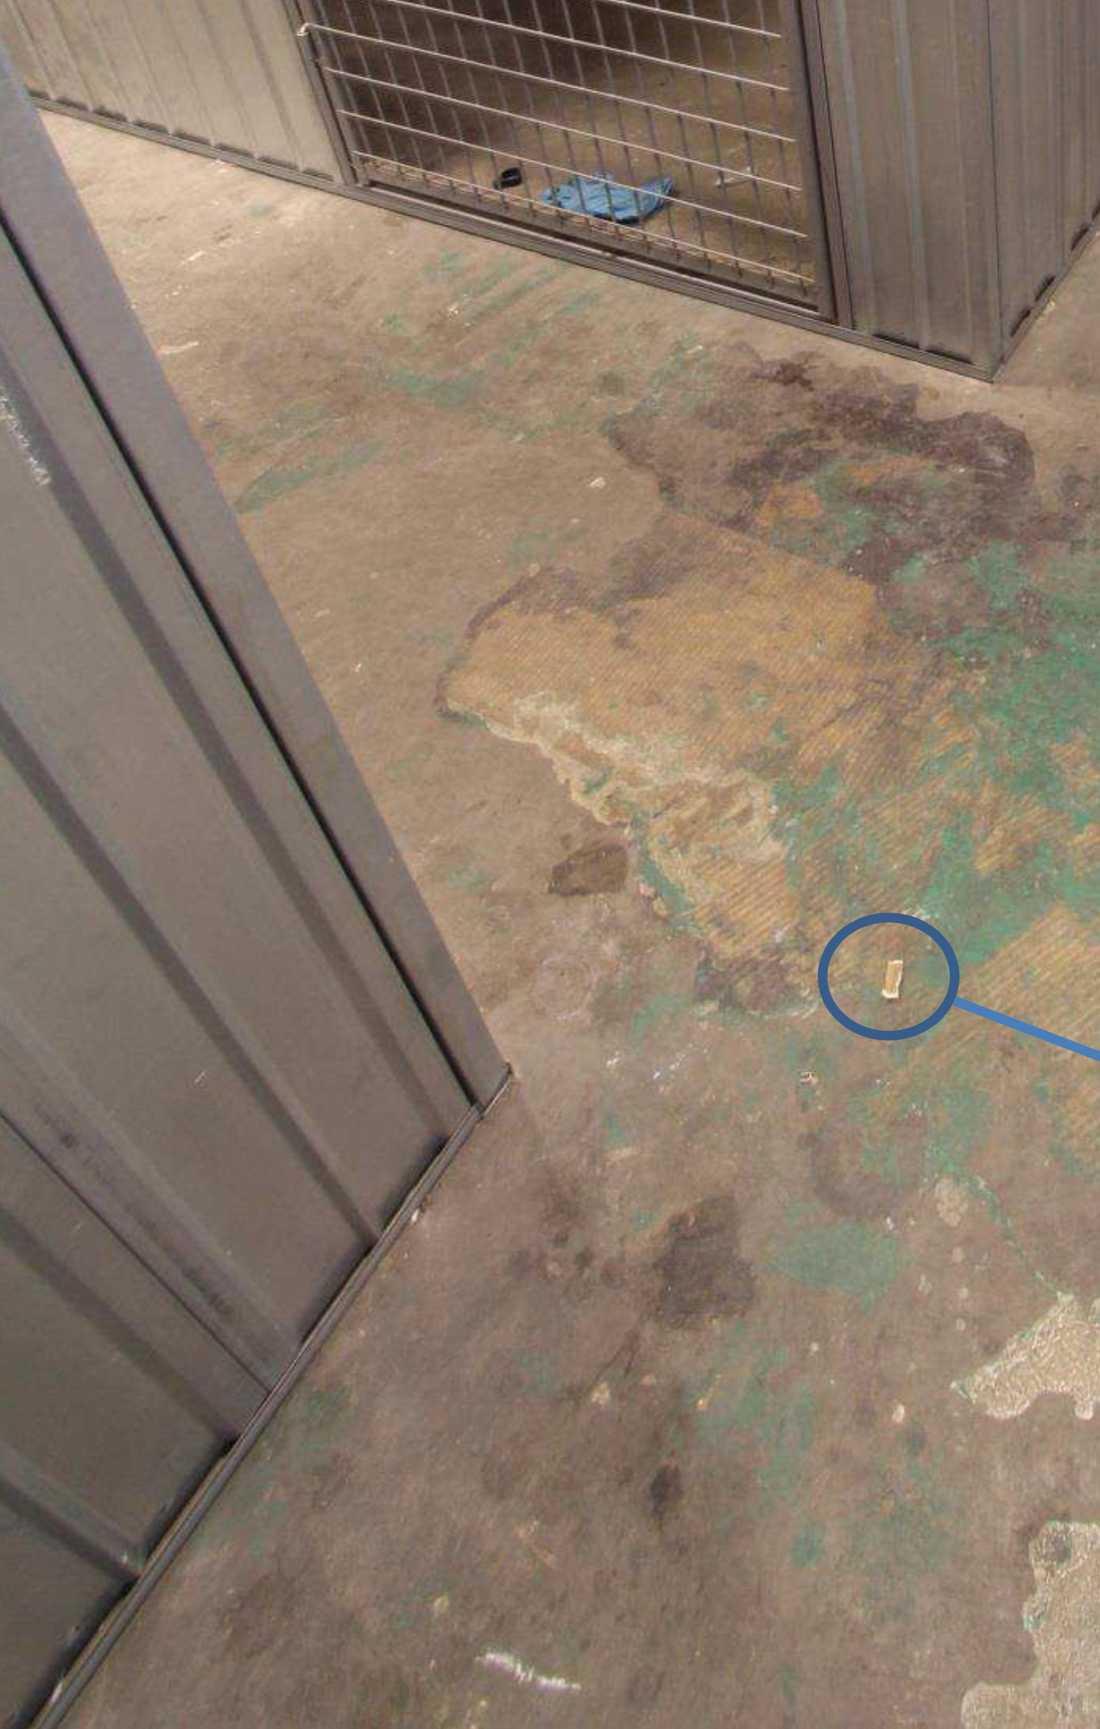 Portionssnus som hittades i källaren har kunnat kopplas till en misstänkt gärningsman – som själv dog tre dagar efter dubbelmordet.